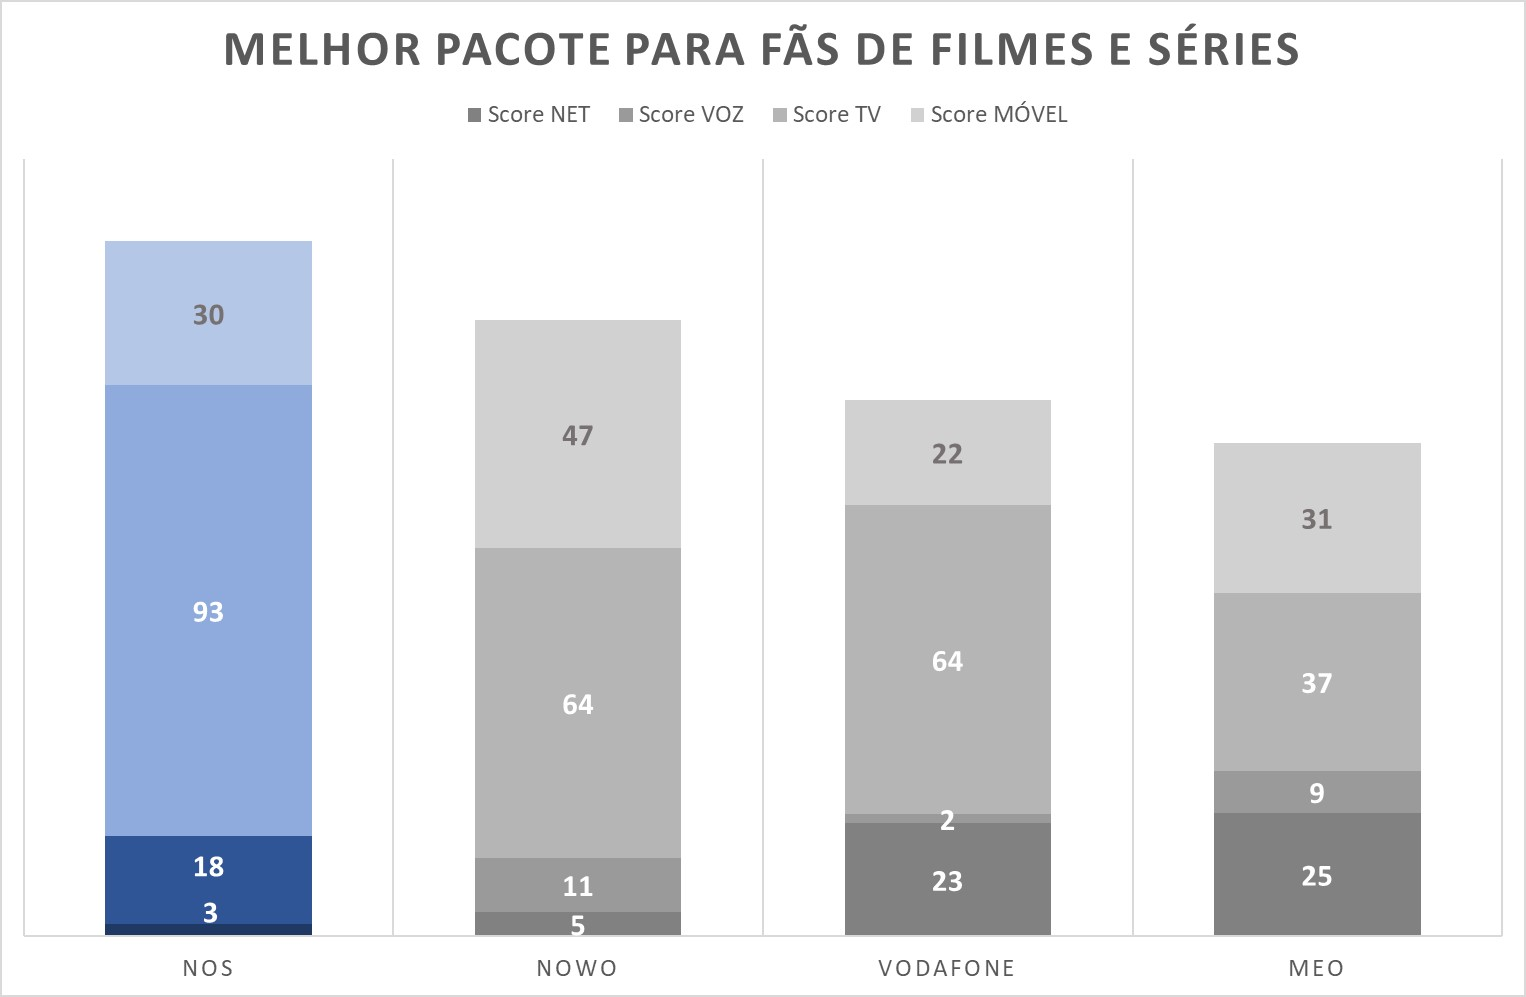 Gráfico_Melhor-pacote-para-fãs-de-filmes-e-séries